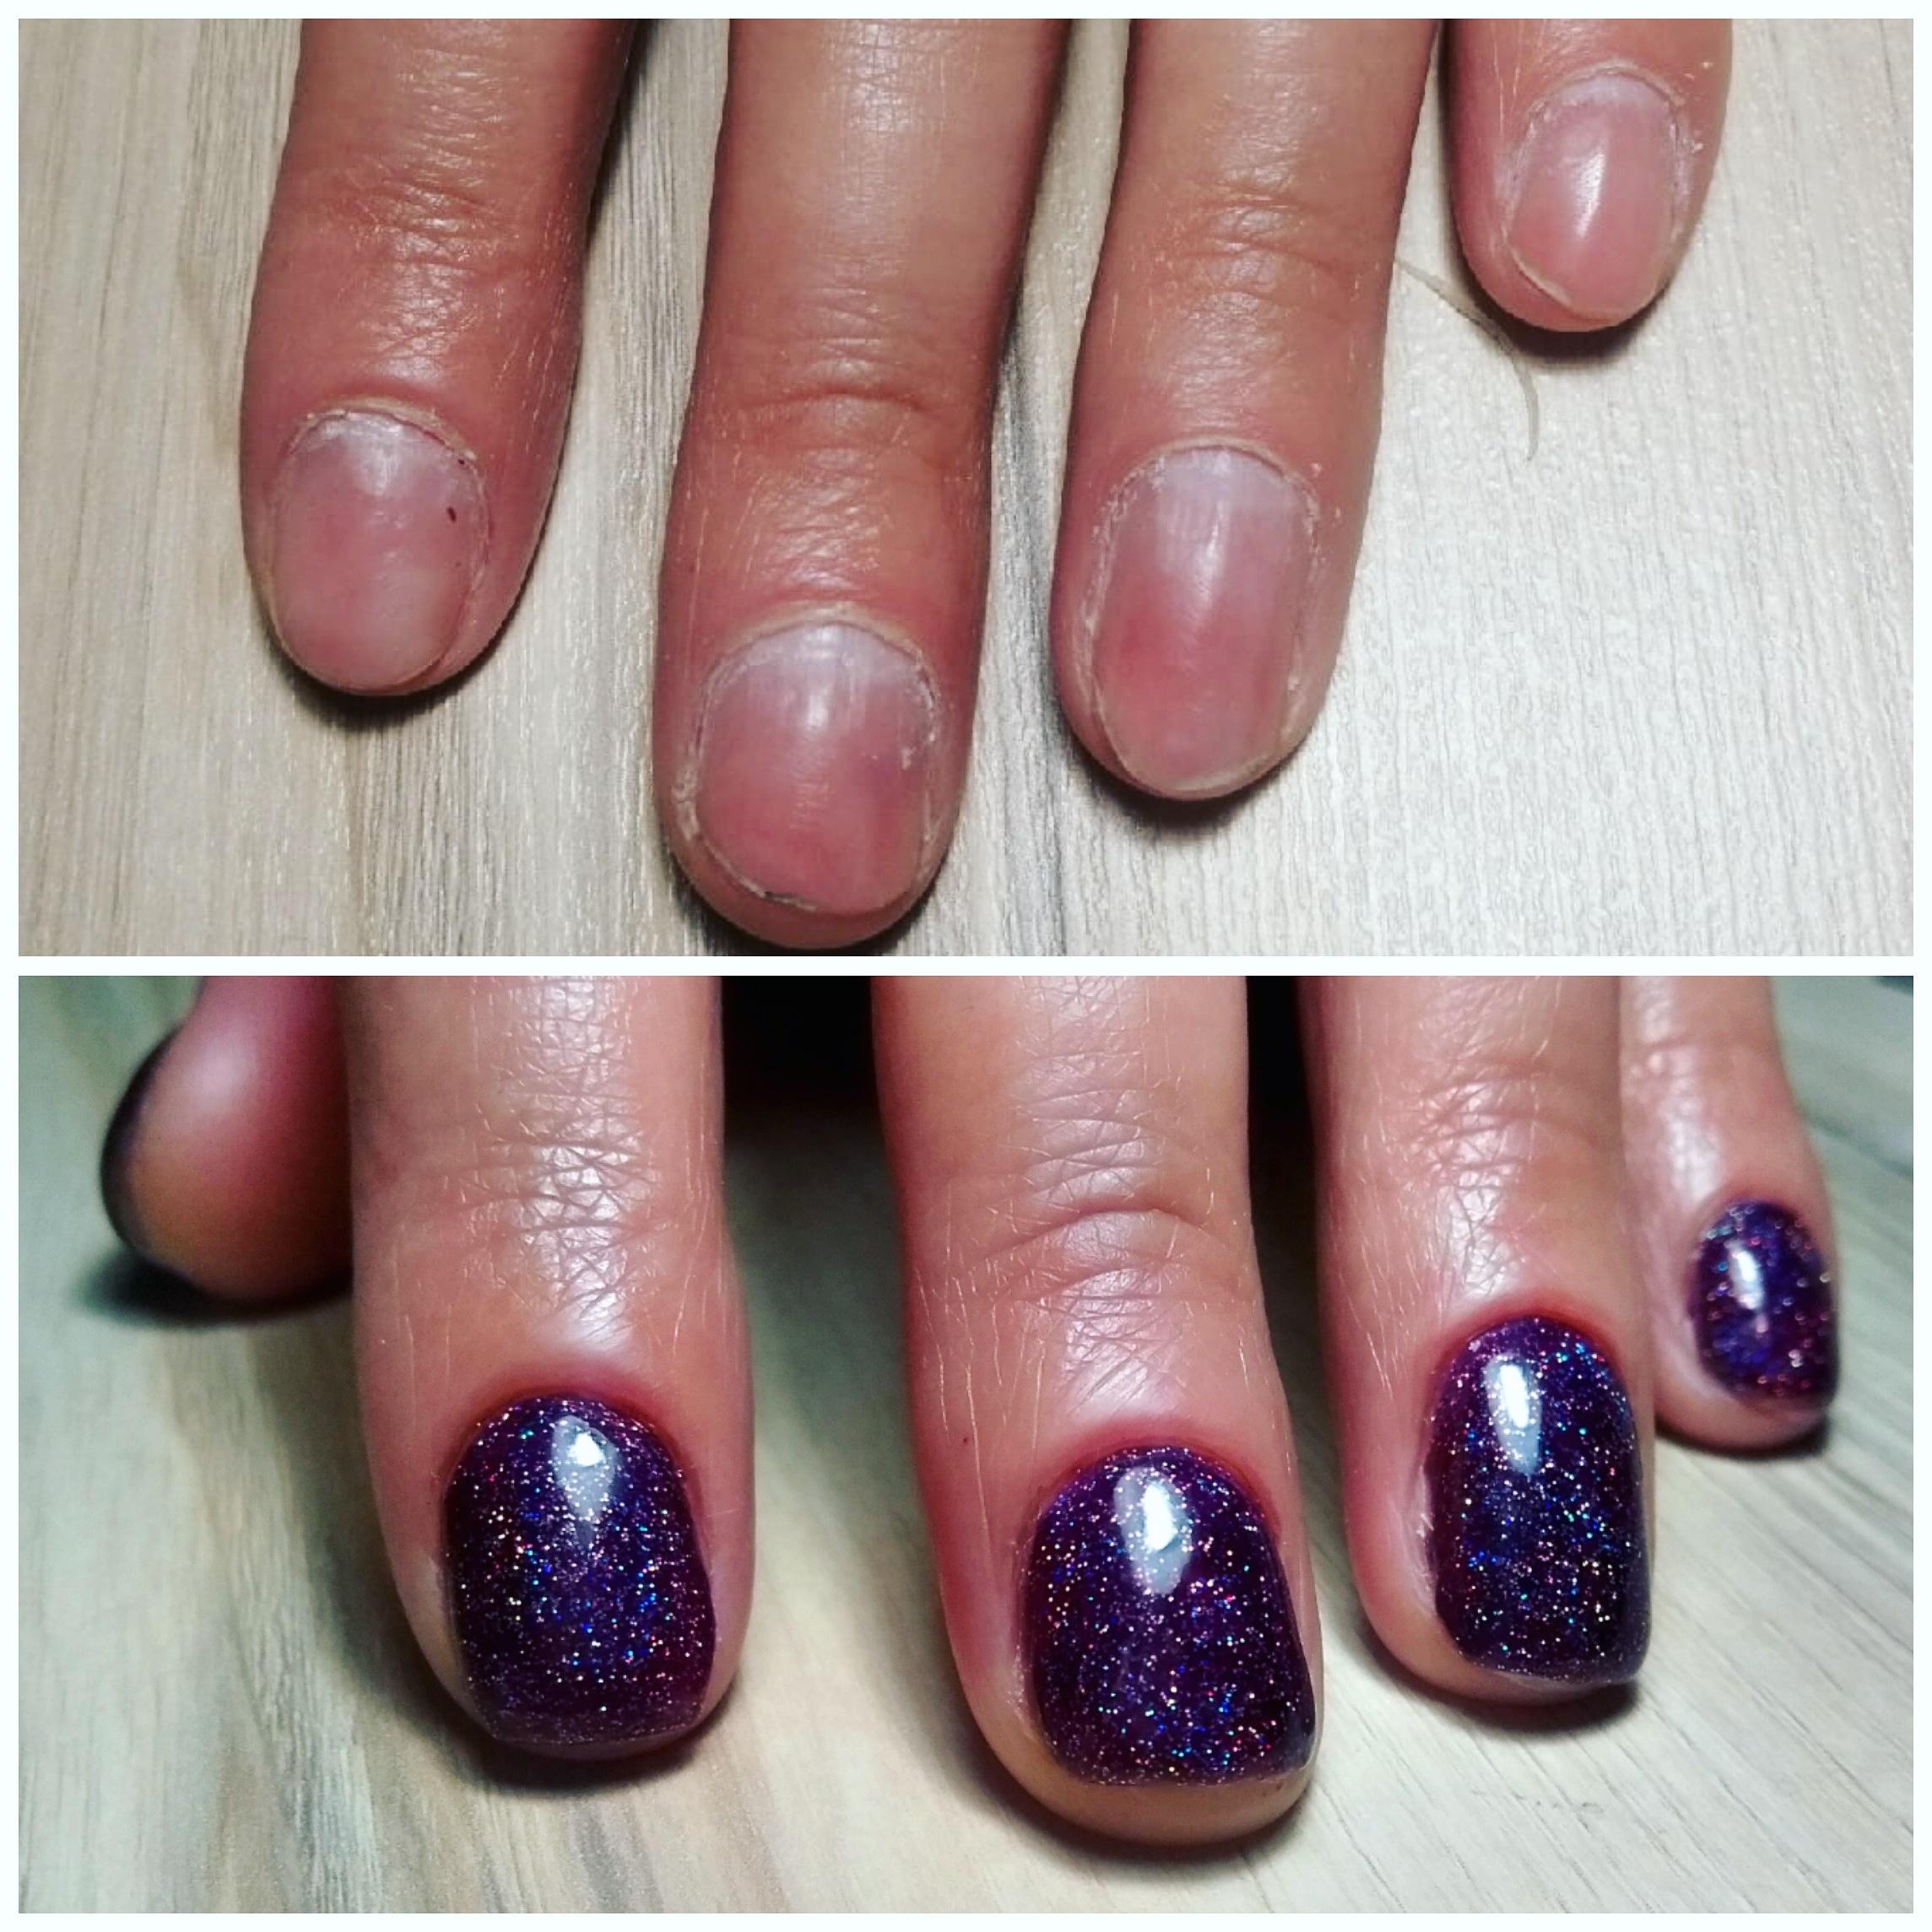 Маникюр с блестками в баклажановом цвете на короткие ногти.